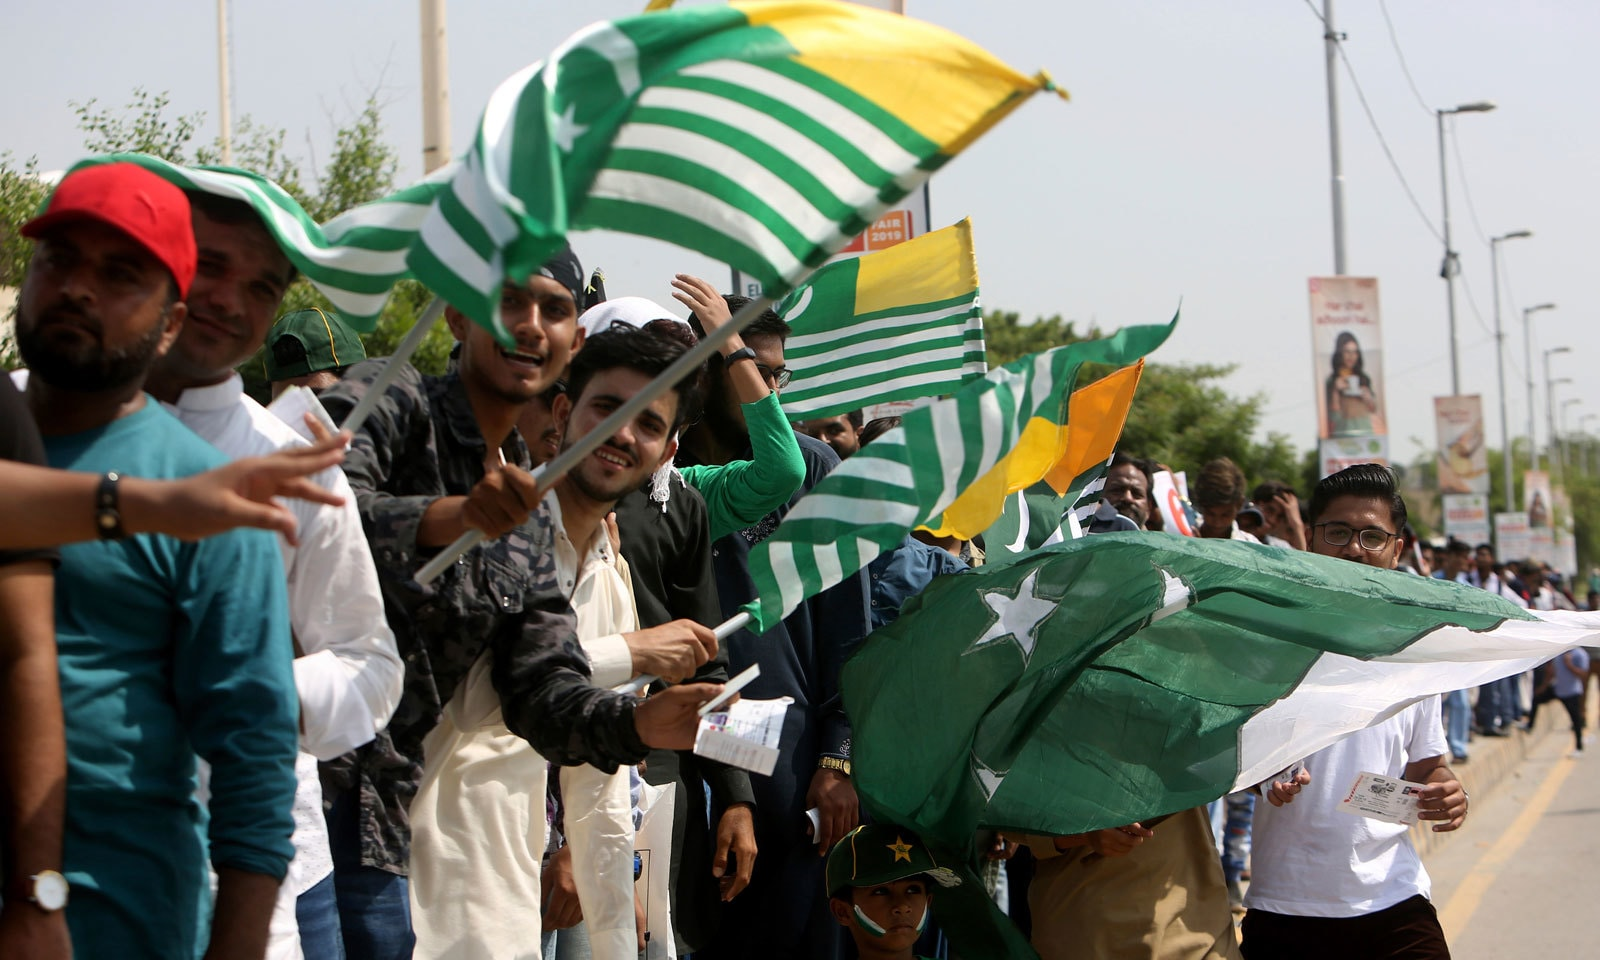 شائقین کرکٹ پاکستان کے ساتھ ساتھ کشمیر کے جھنڈے لے کر بھی اسٹیڈیم میں آئے تھے— فوٹو: اے ایف پی